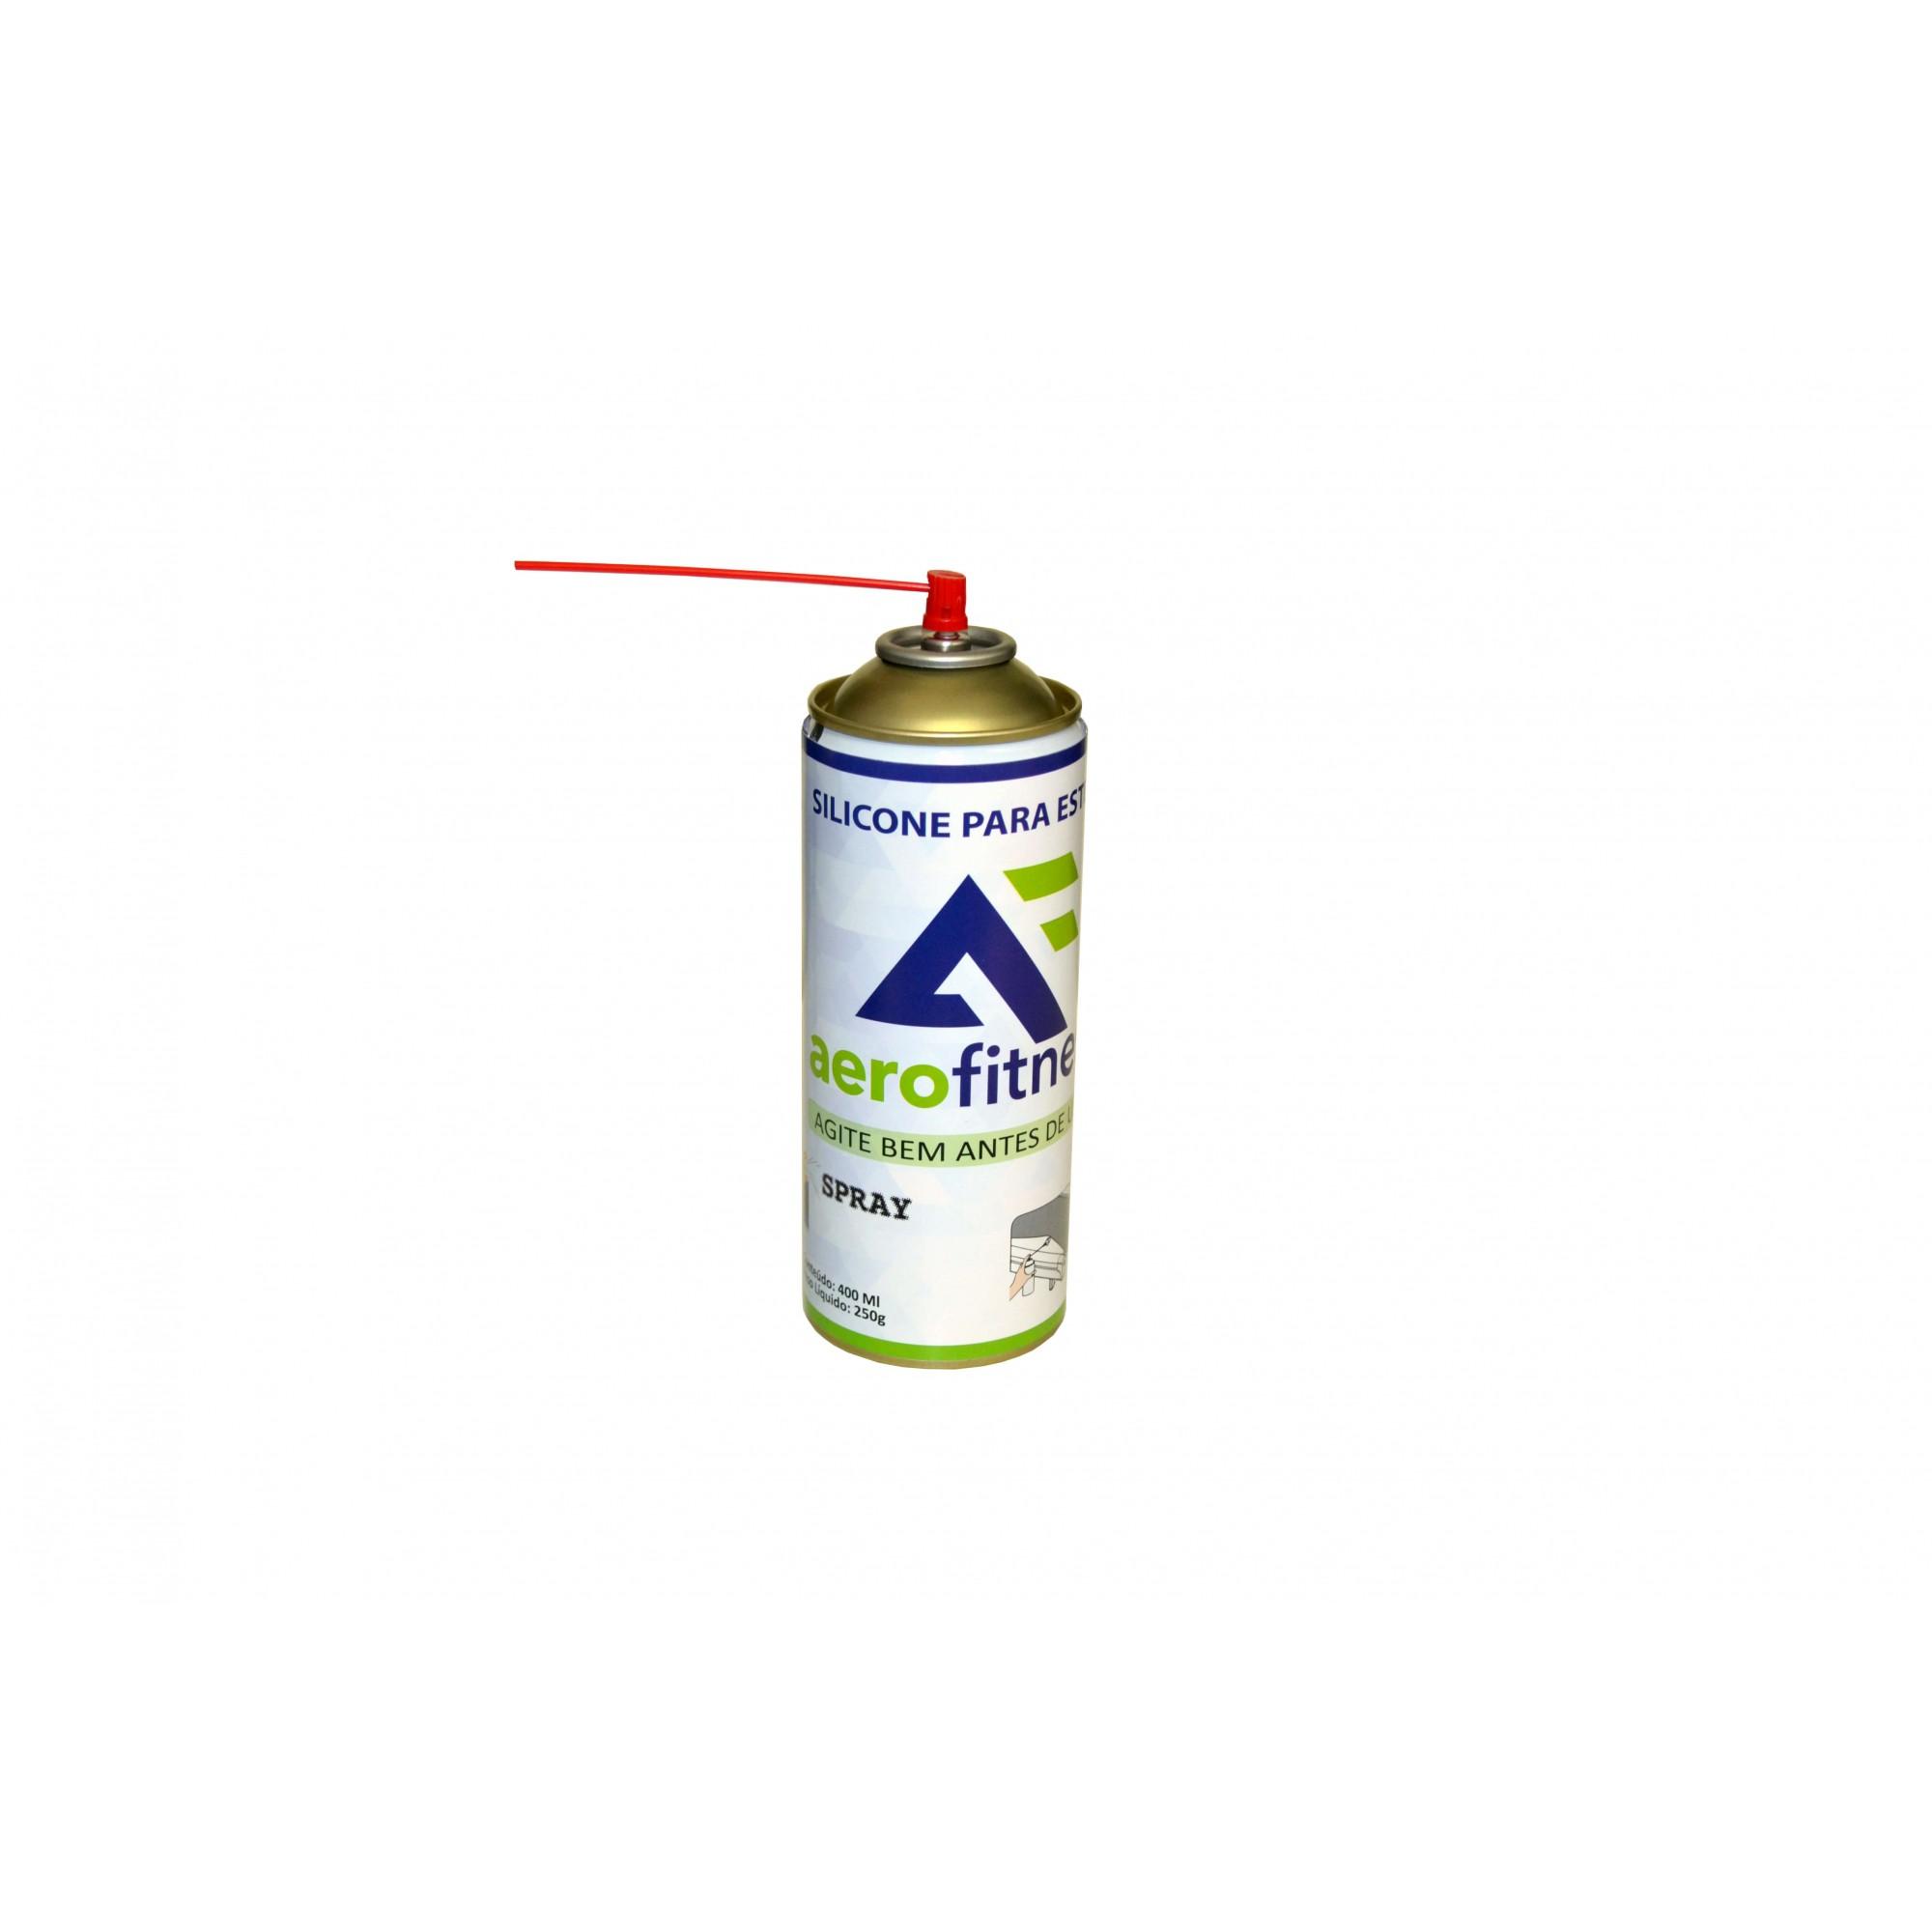 Silicone Lubrificante Spray Esteiras Athletic Caloi Act